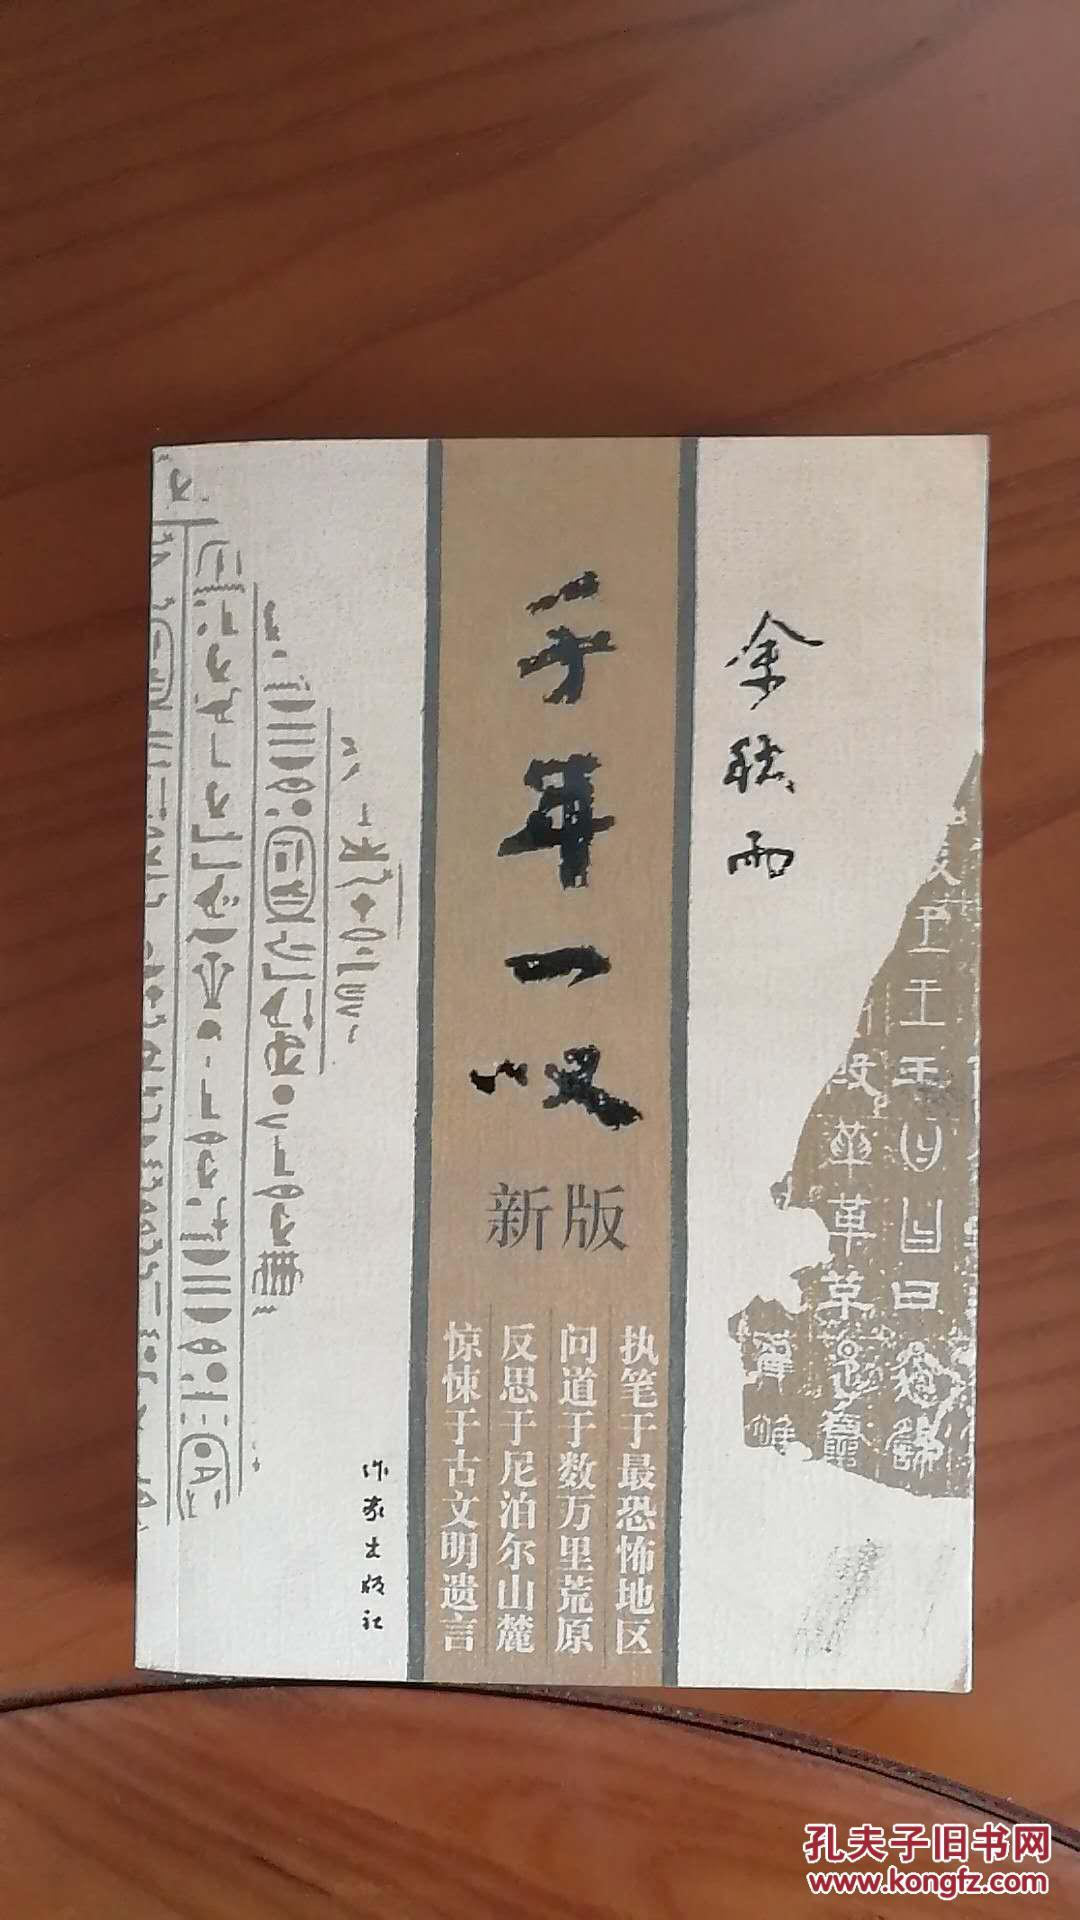 千年一嘆_余秋雨著_孔夫子舊書網圖片